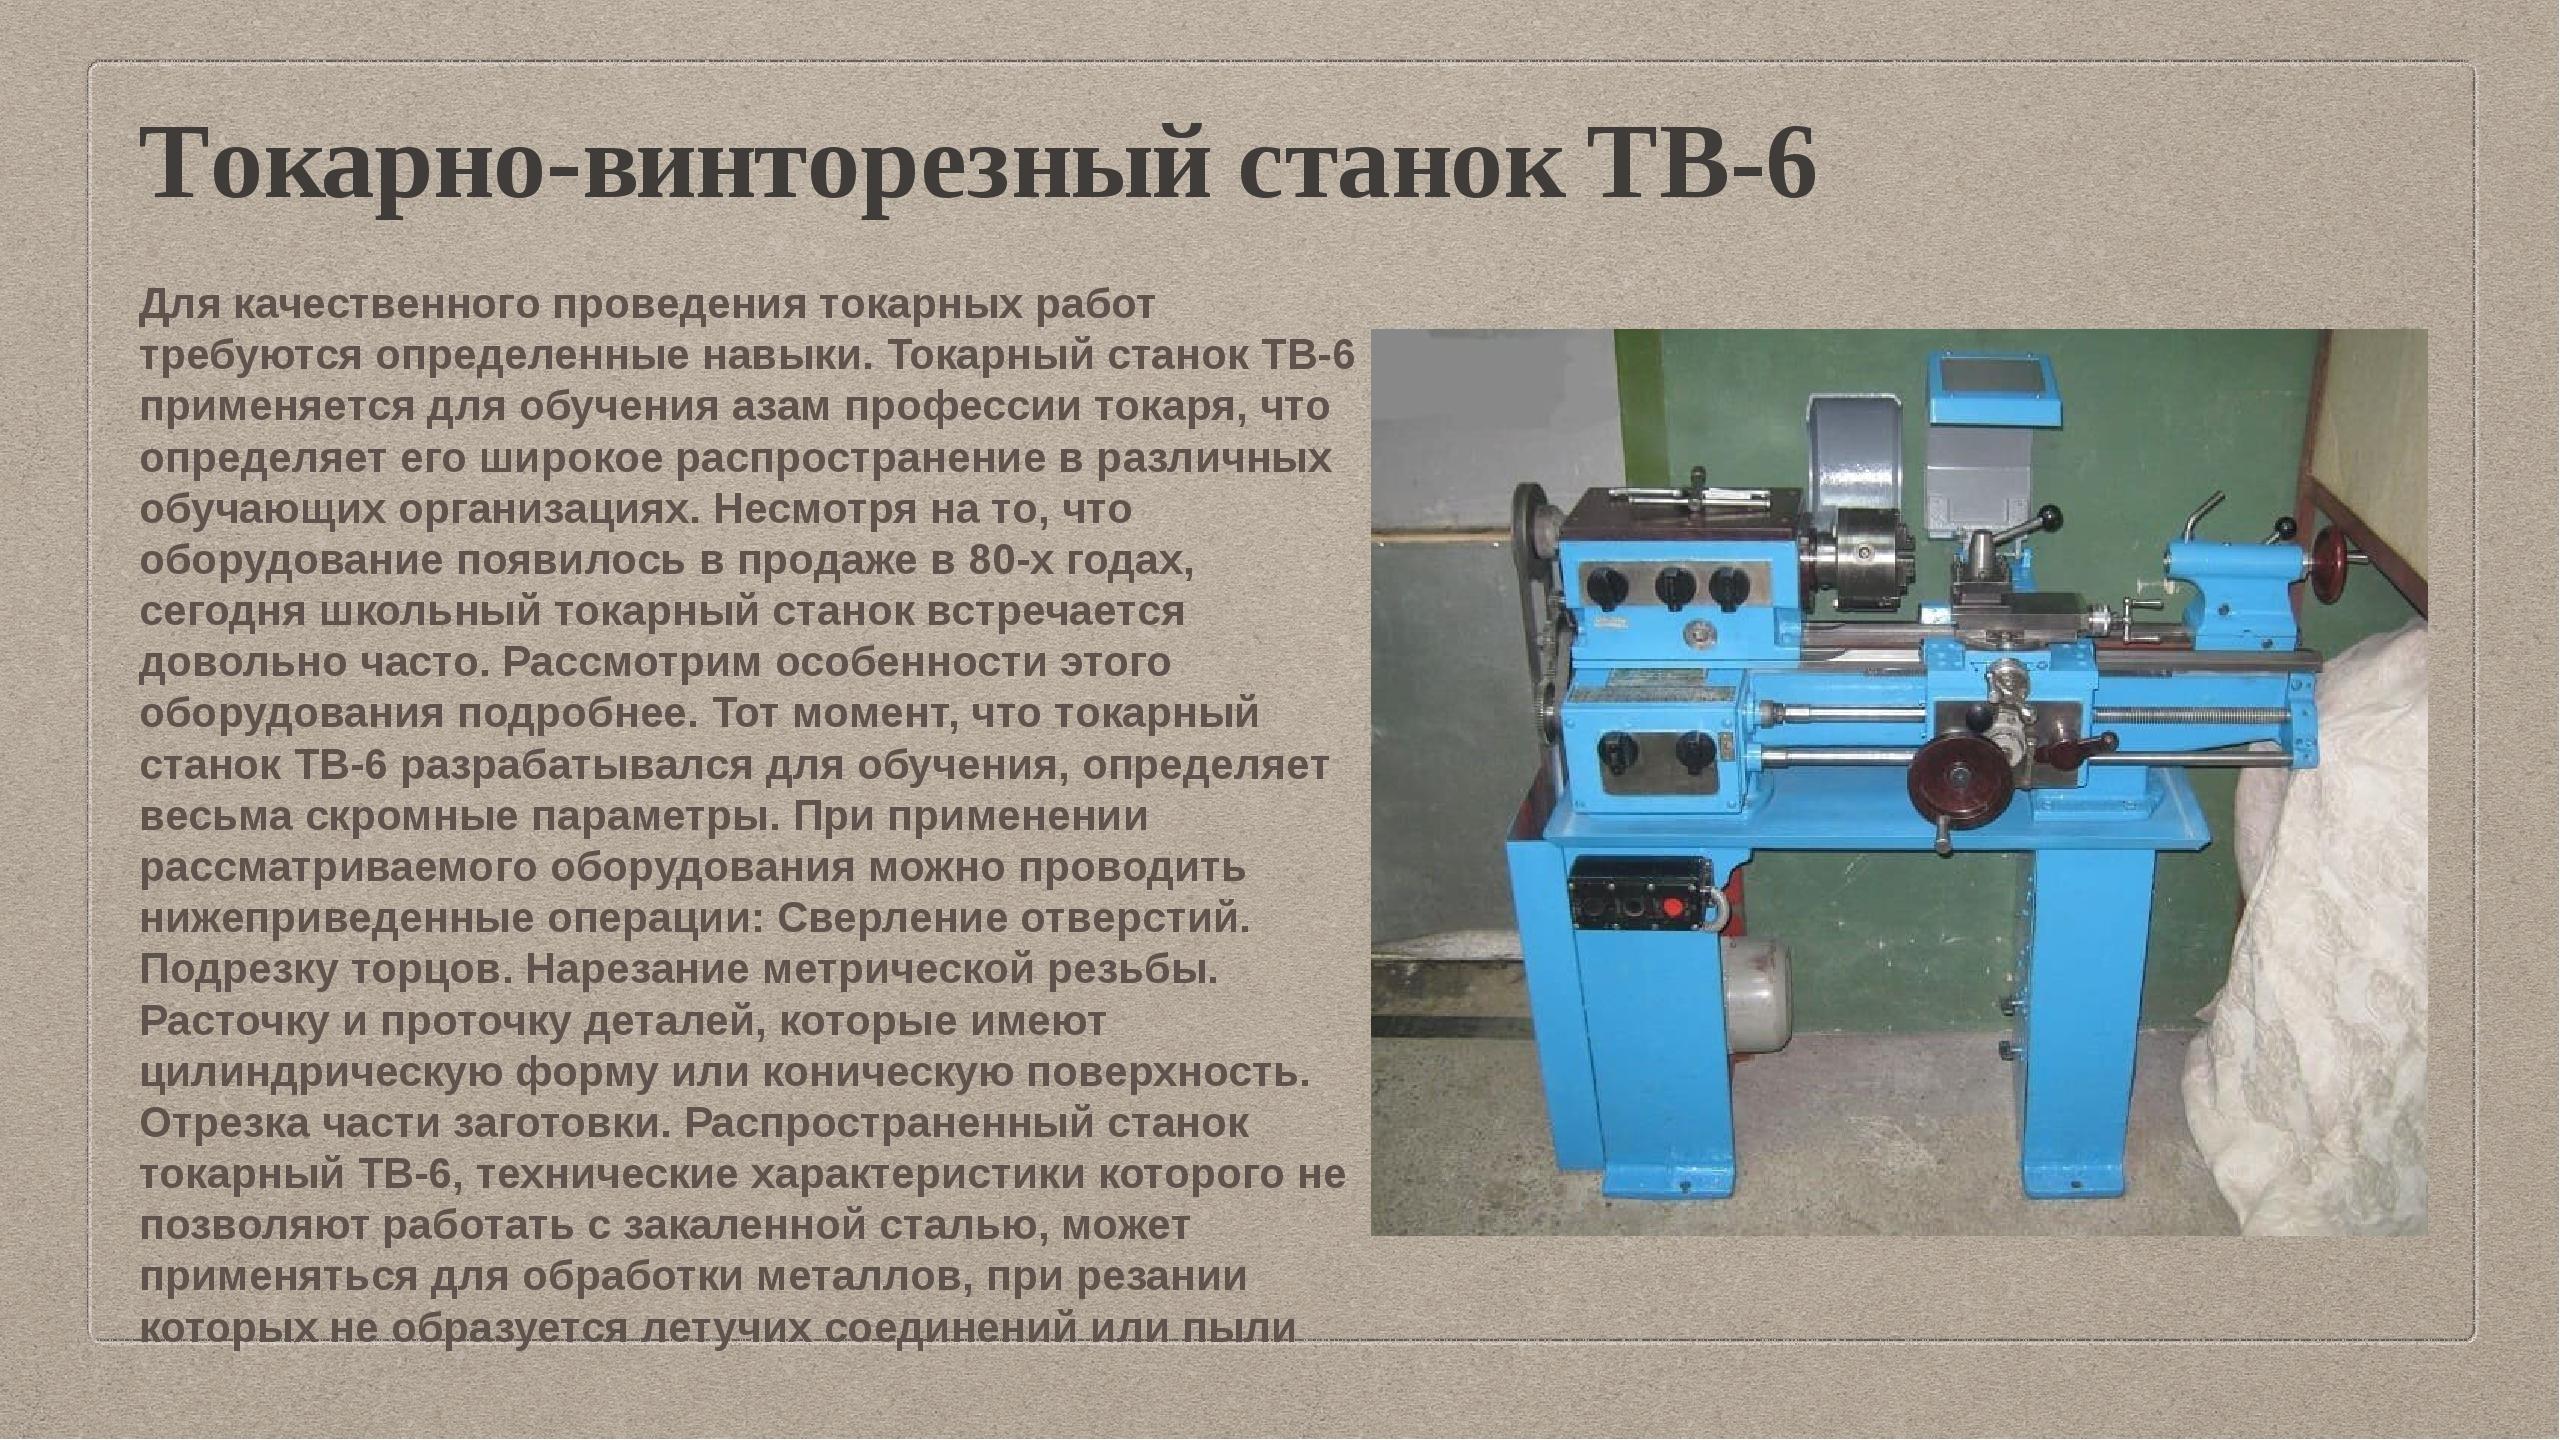 Токарно-винторезный станок тв-16 — характеристики, паспорт, видео